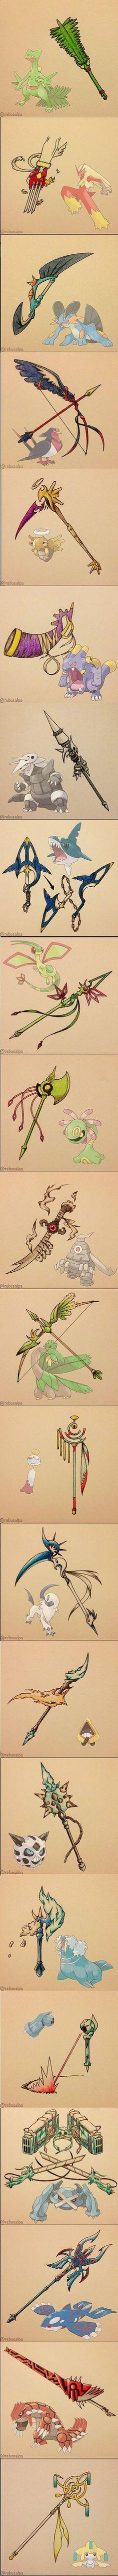 Armas de mano de algunos pokemones Seriously metagross?. ESTEBAN USMA